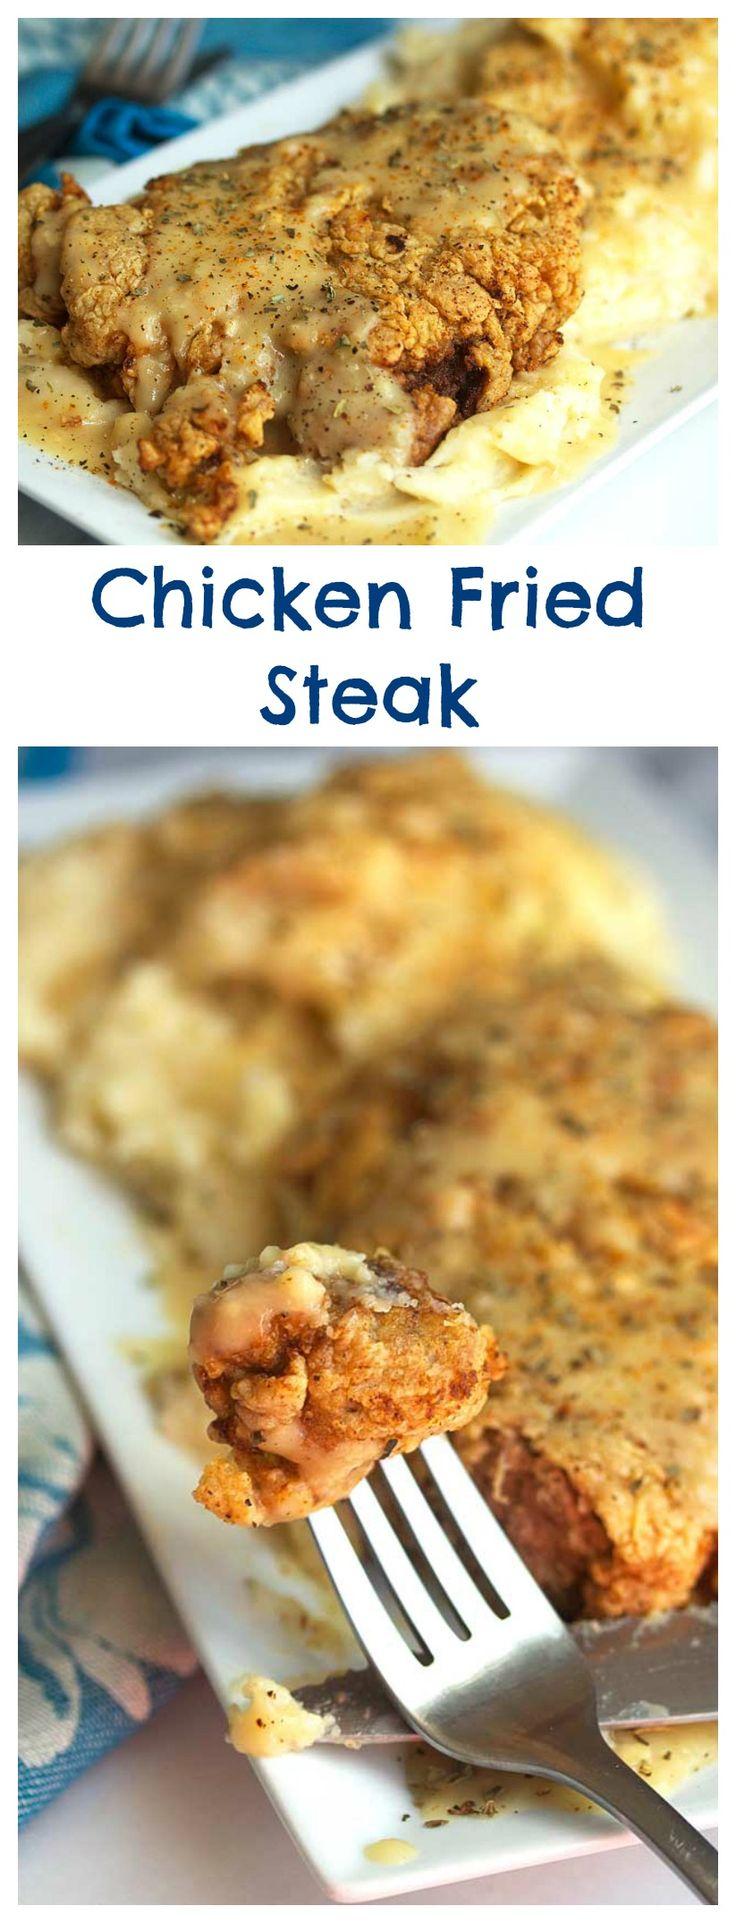 Chicken Fried Steak | Grandbaby Cakes